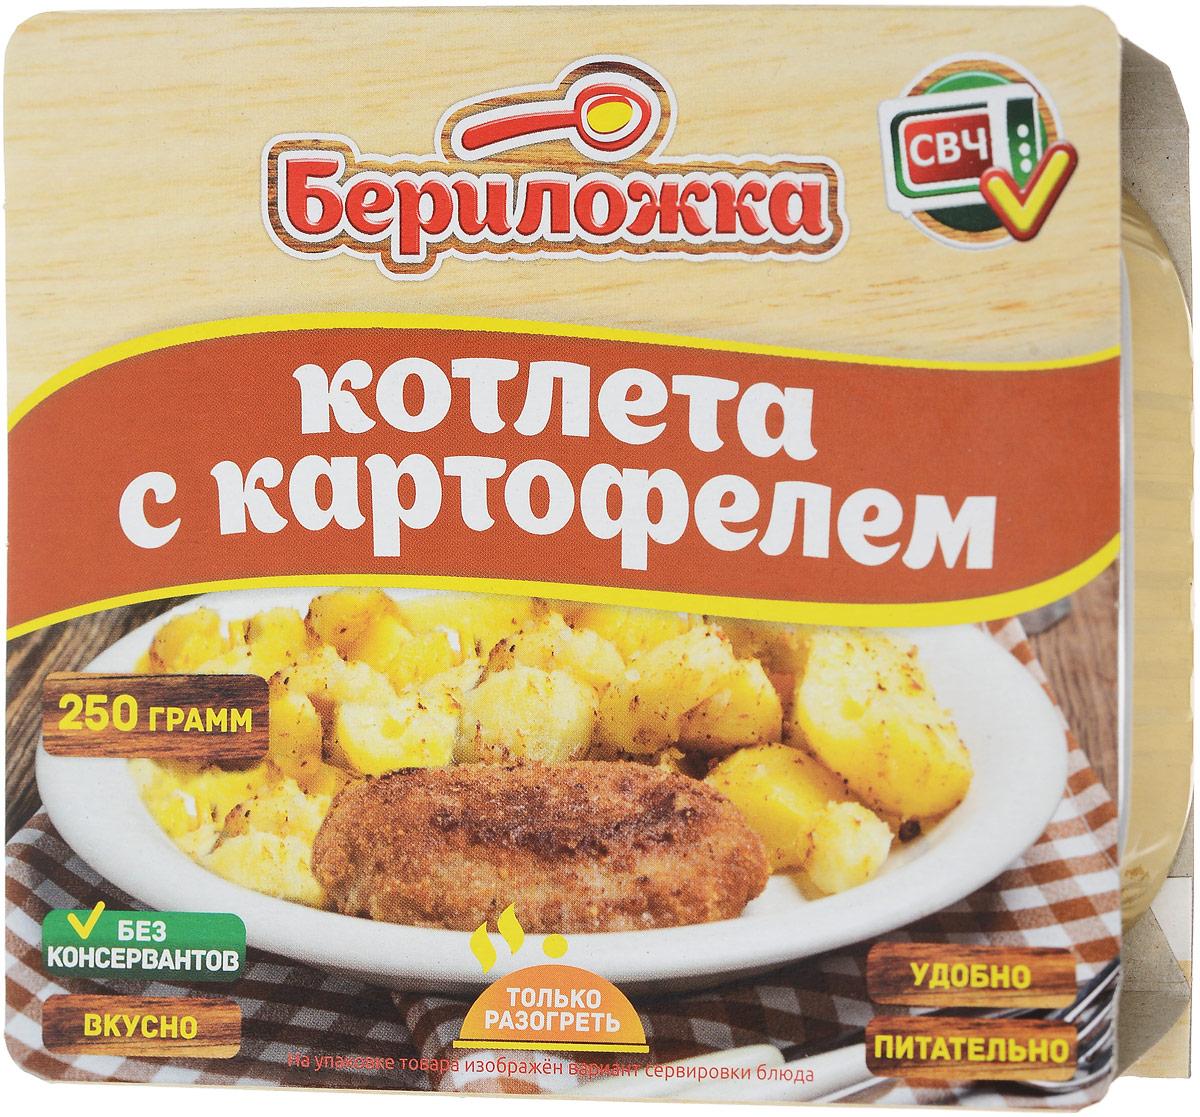 Бериложка котлета с картофелем, 250 г6121Котлета с картофелем Бериложка - мясорастительные консервы, стерилизованные. Перед употреблением рекомендуется разогреть. Продукт не содержит ГМО, консервантов. Уважаемые клиенты! Обращаем ваше внимание, что полный перечень состава продукта представлен на дополнительном изображении.